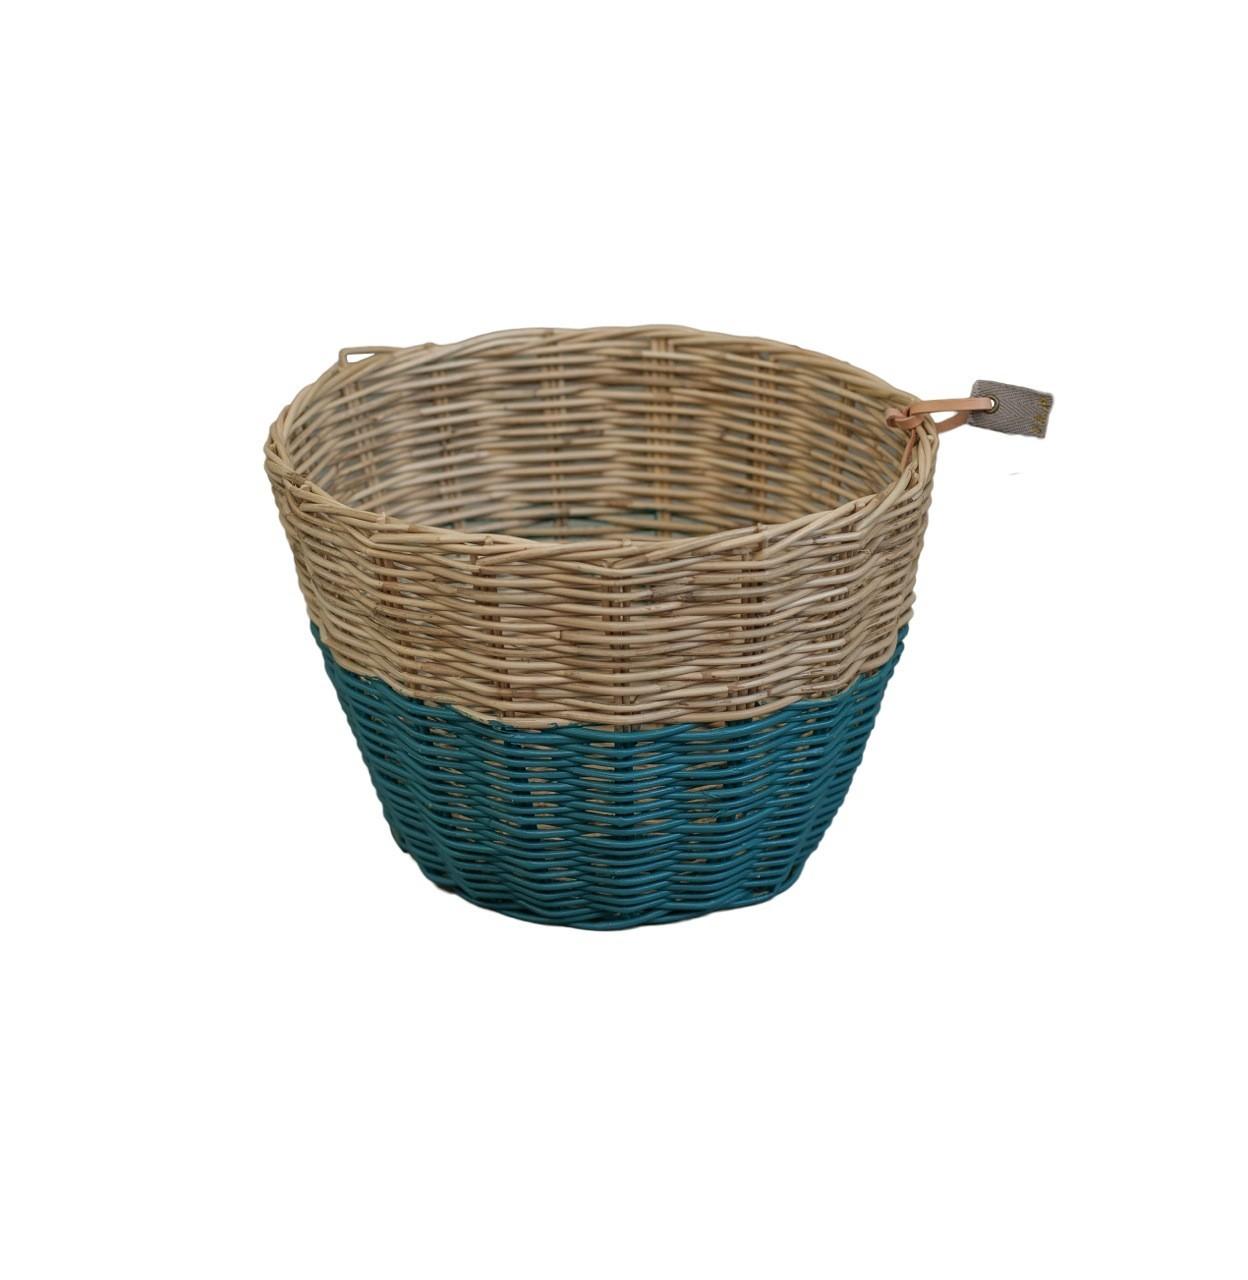 Koszyk Basket rattan rattanowy teal blue ciemny morski